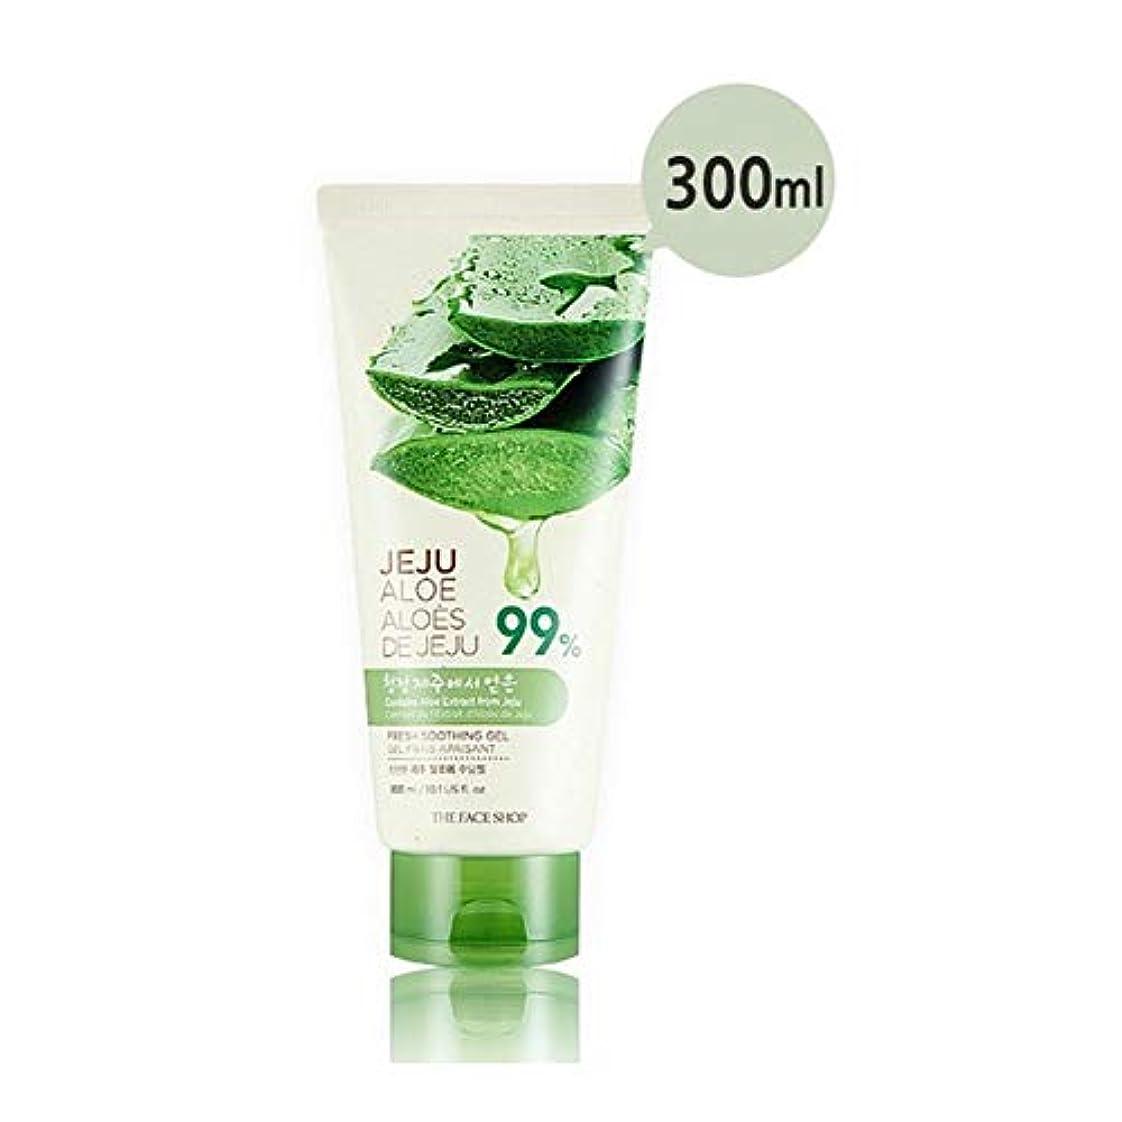 悪因子実際安定したザ?フェイスショップ済州アロエ新鮮なスーディングジェル300ml x 2本セット韓国コスメ、The Face Shop Jeju Aloe Fresh Soothing Gel 300ml x 2ea Set Korean...